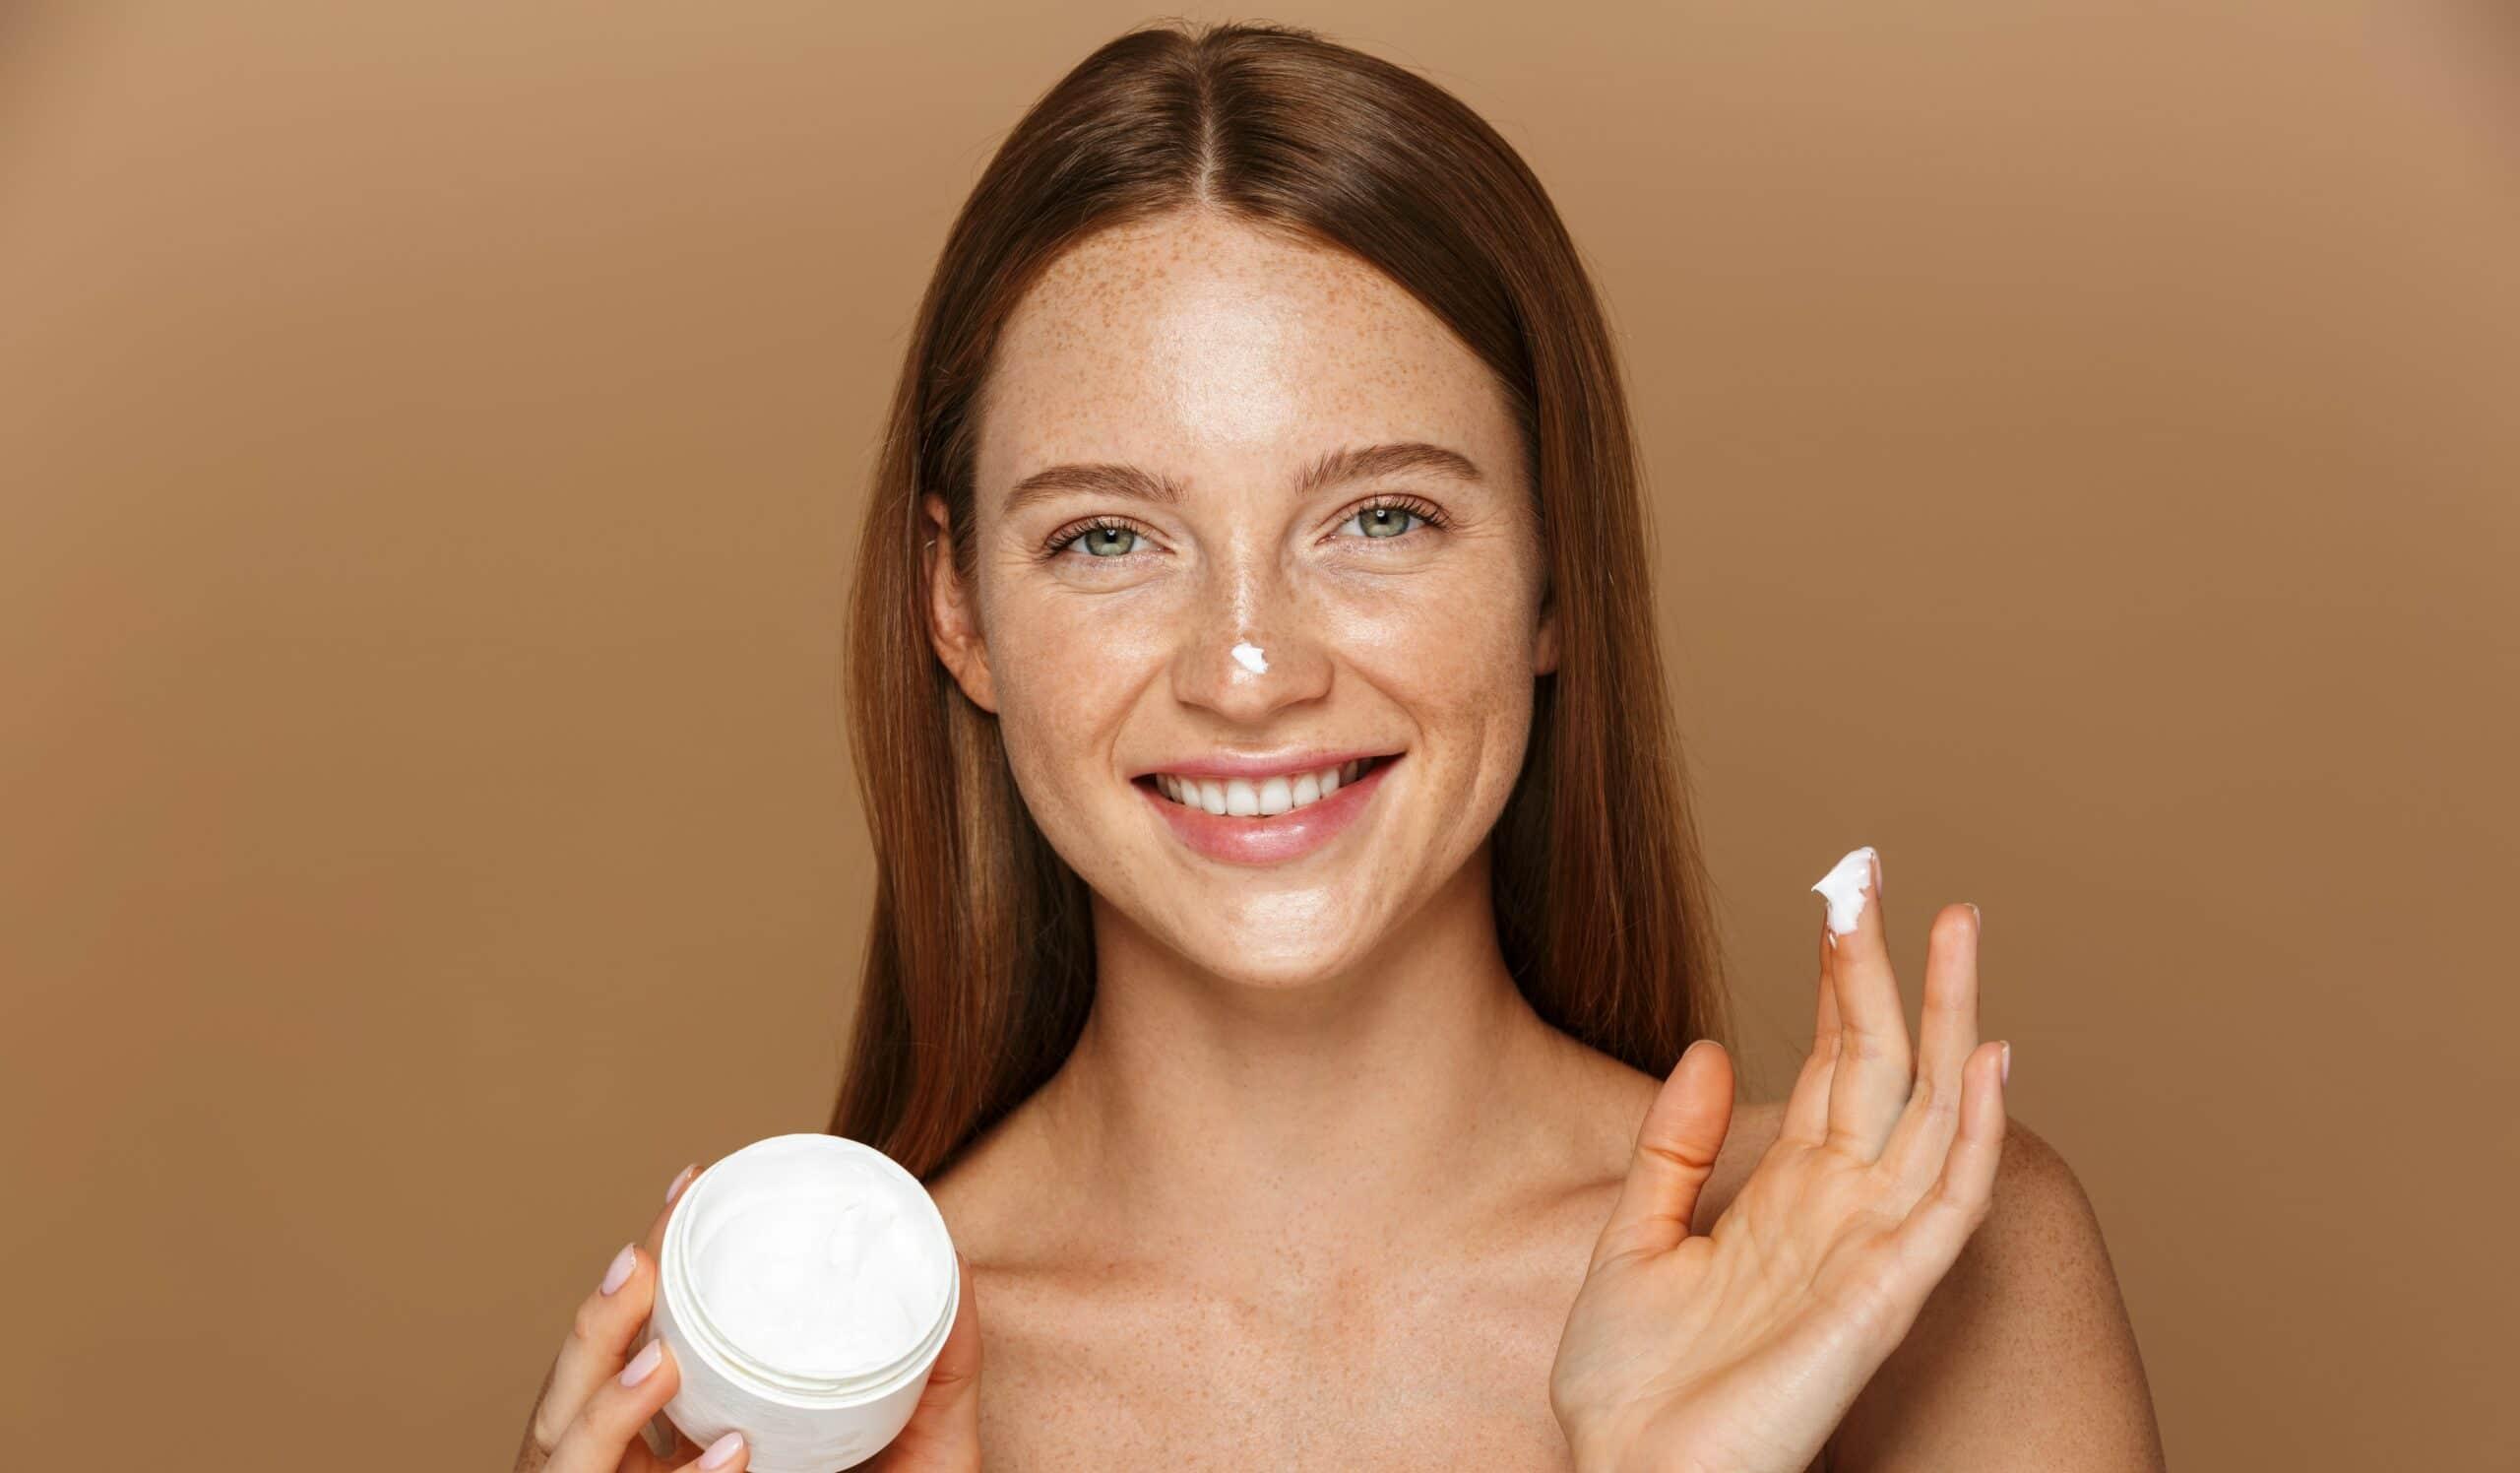 Comment choisir le bon soin hydratant? – 4 problèmes de peau